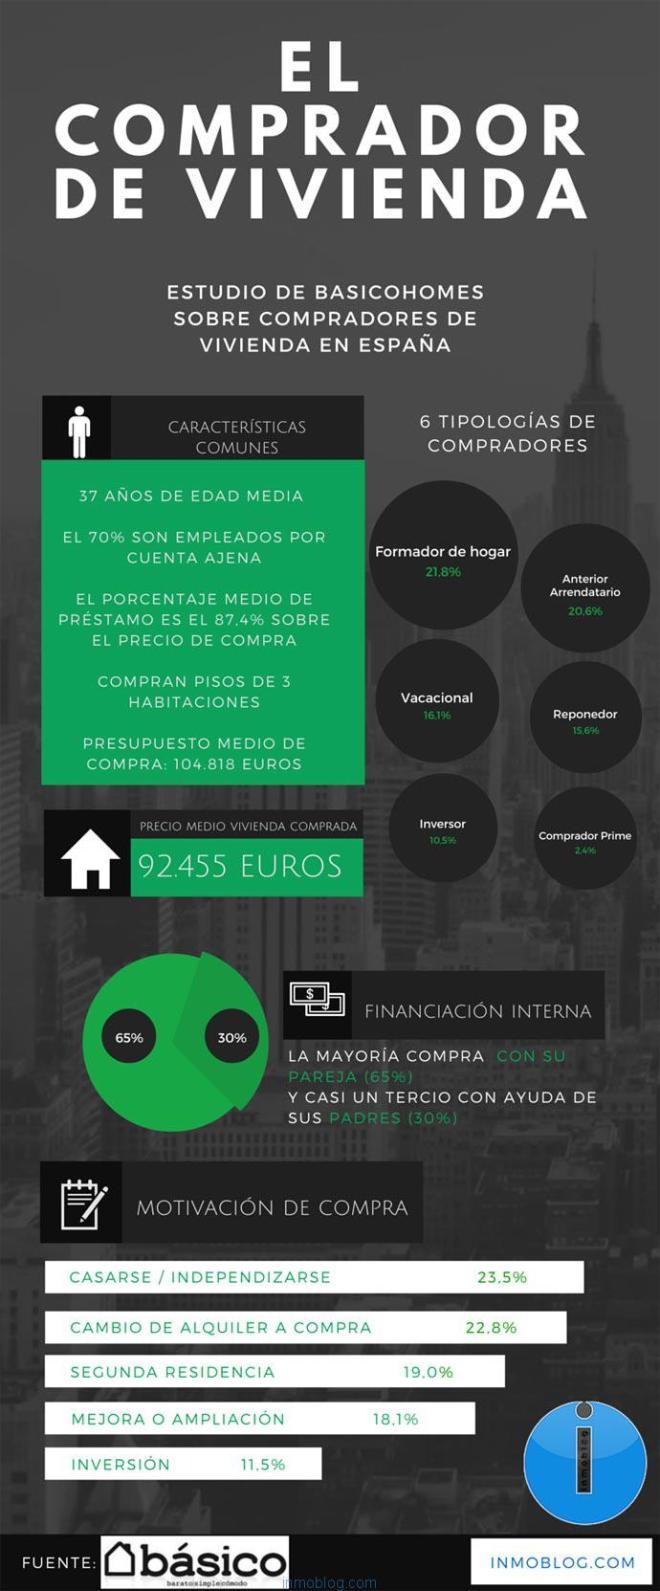 Perfil del comprador de vivienda en España